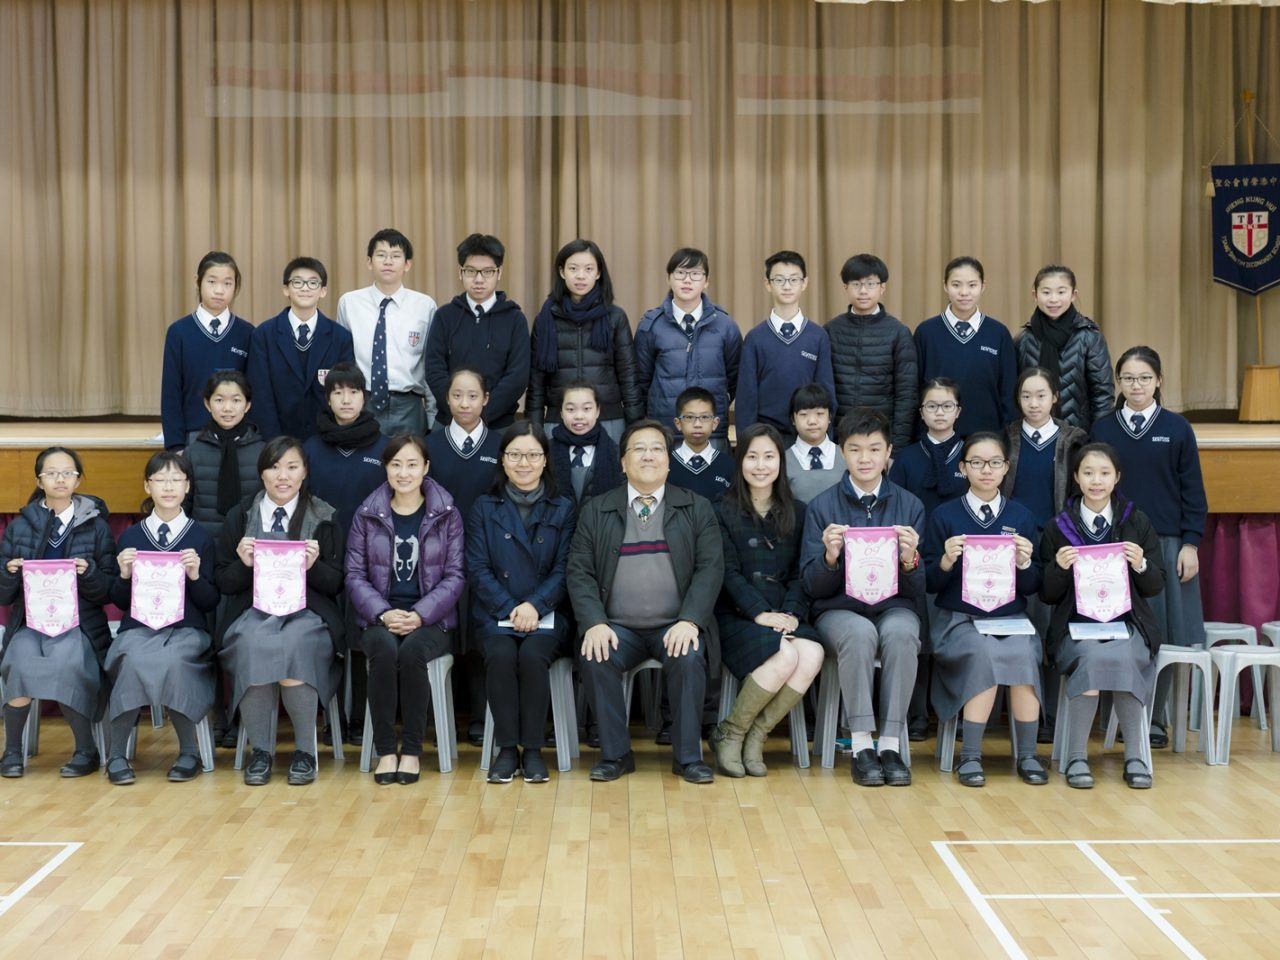 第69屆香港校際朗誦節中文朗誦比賽